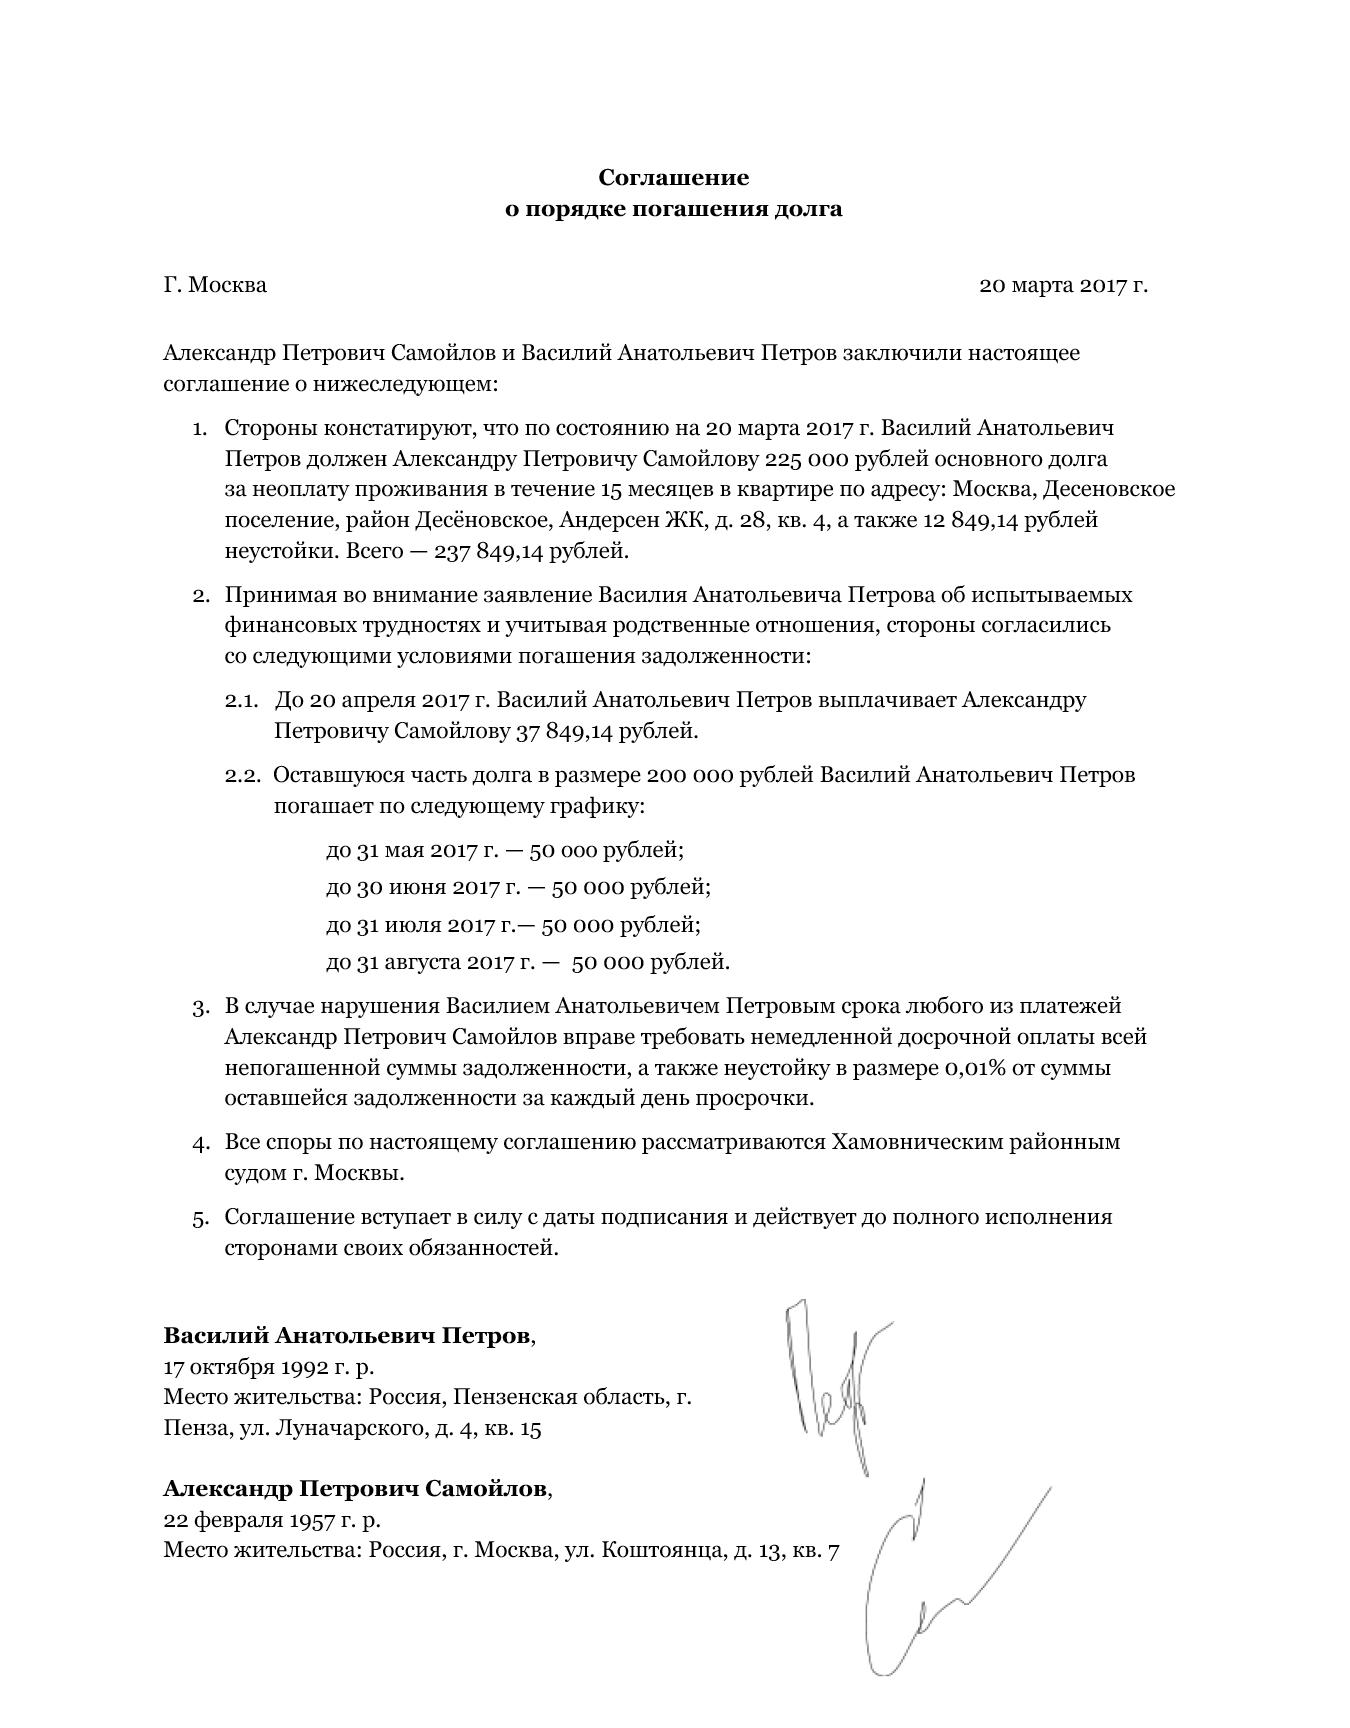 Пример простого договора о погашении долга